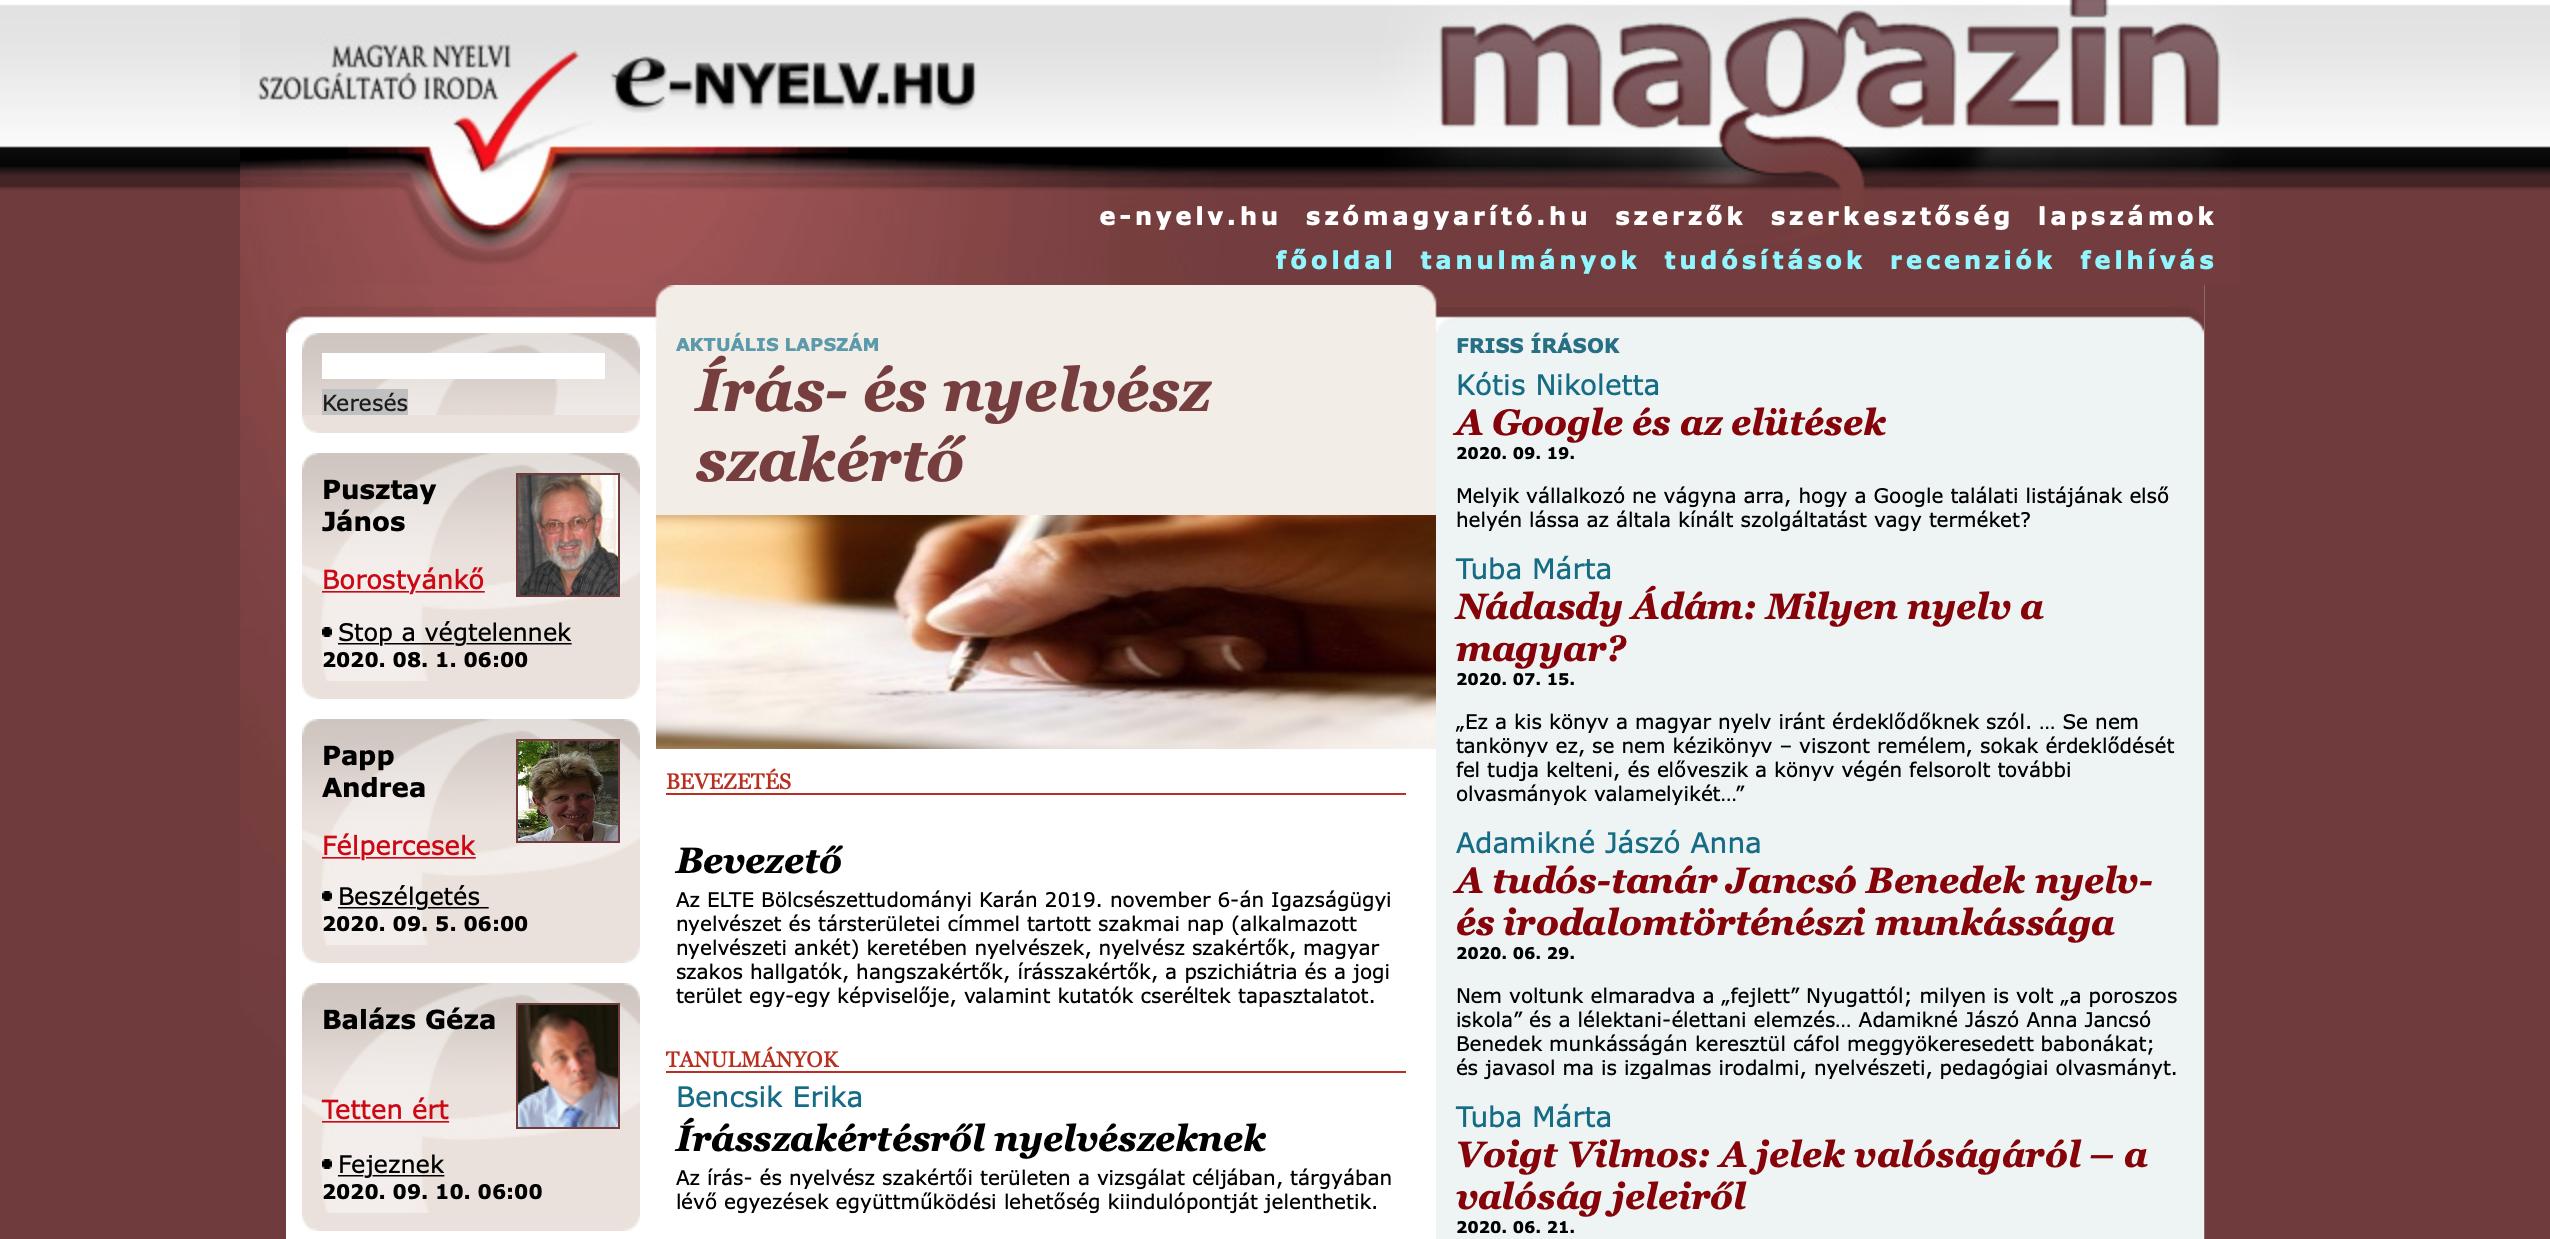 E-nyelv Magazin-címlap: a Google és az elütések és a helyesírás